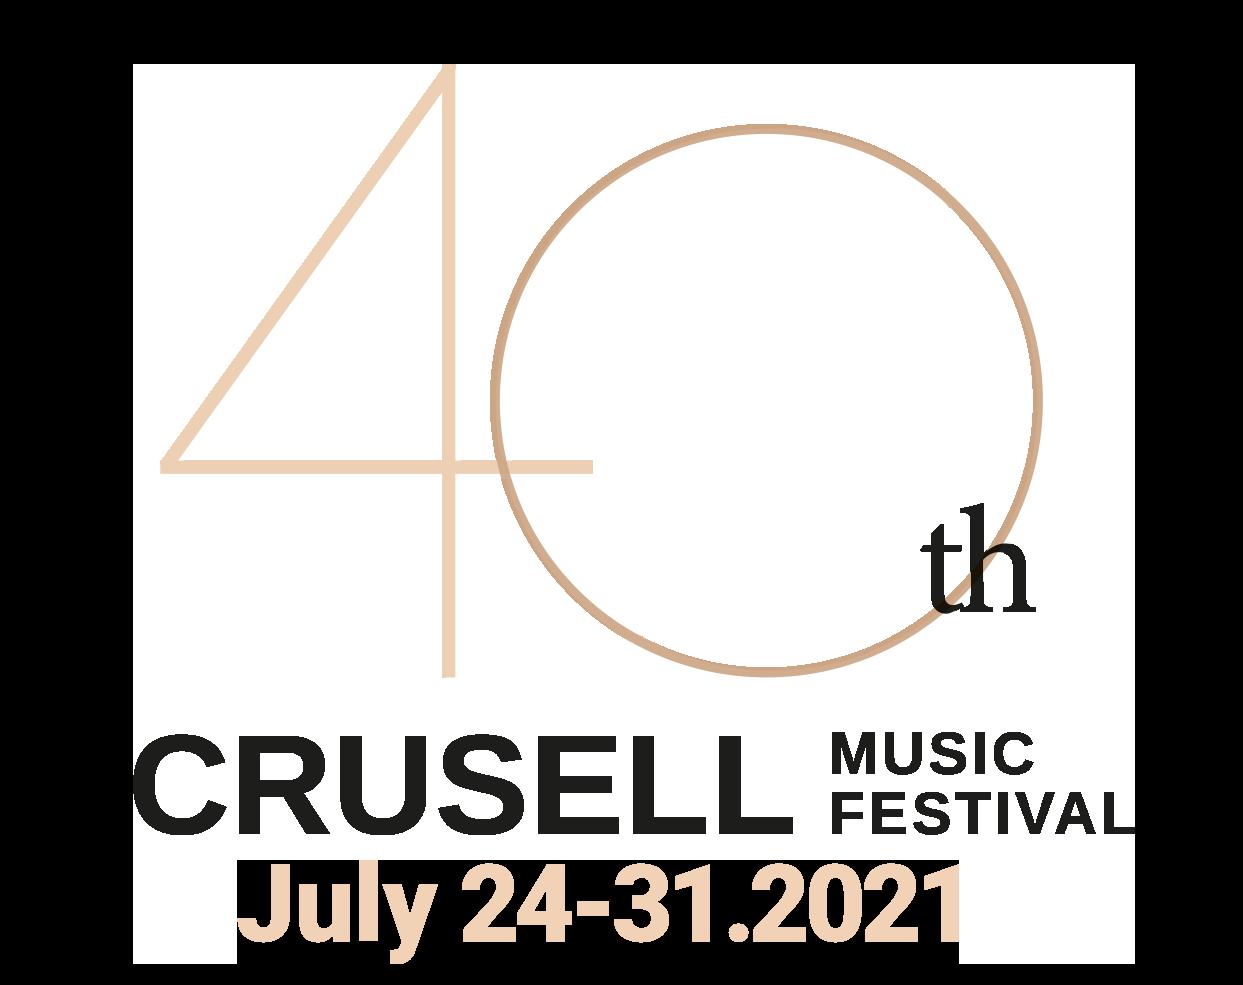 logo CrusellMusicFestival40v July 24-31.2021